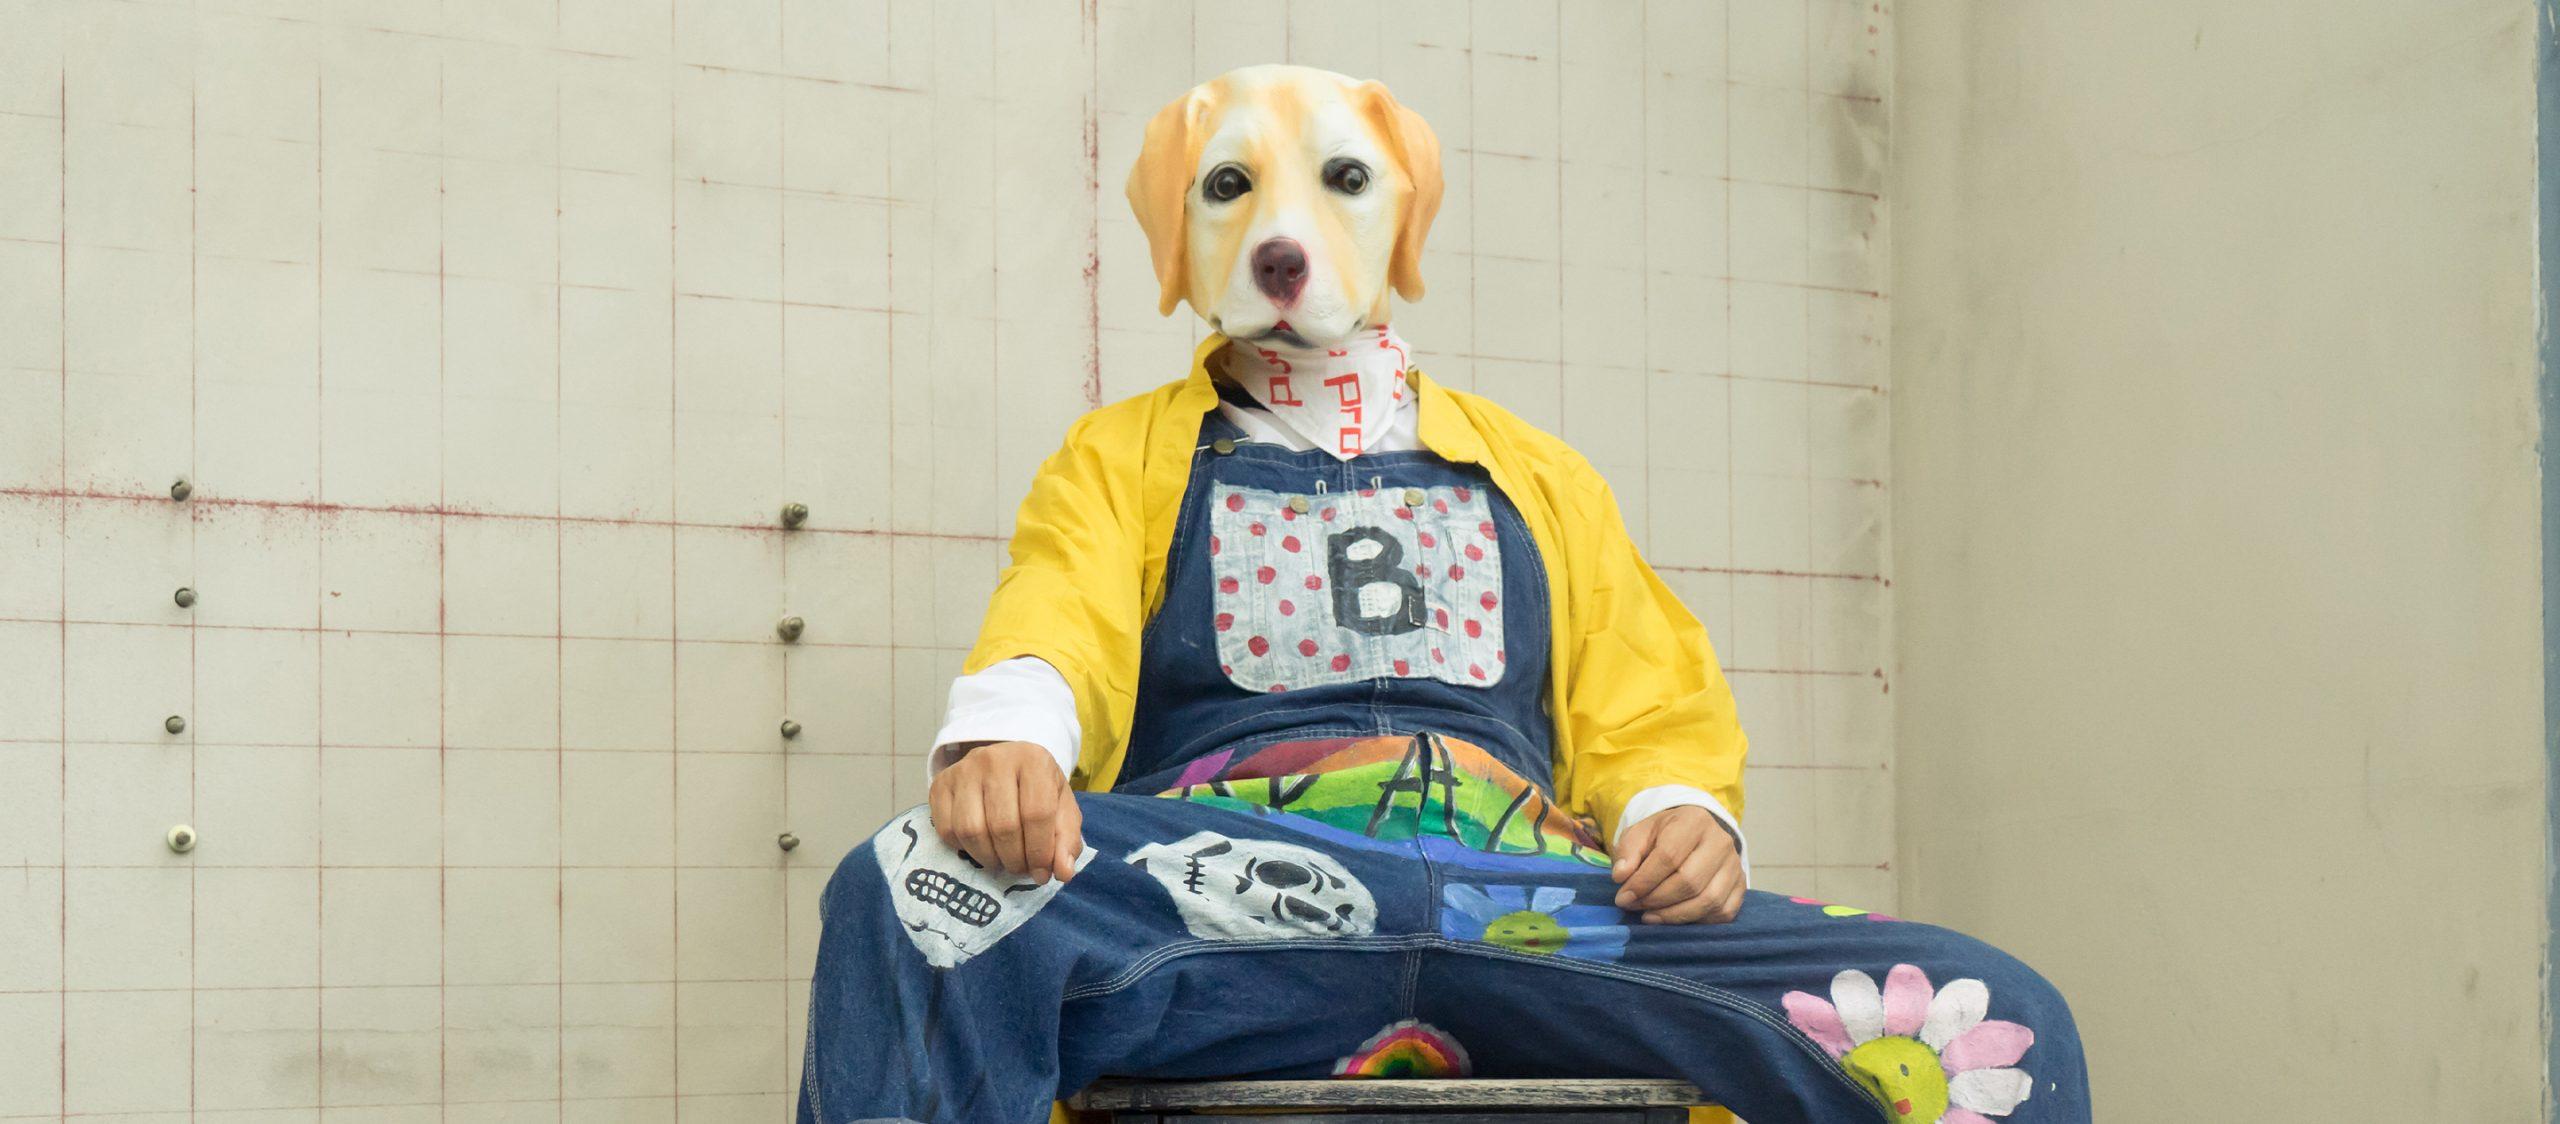 'พี่หมา' แดนเซอร์วง PARADOX หนึ่งในสมาชิกเบื้องหน้าโชว์ที่อลหม่านที่สุดในวงการเพลงไทย